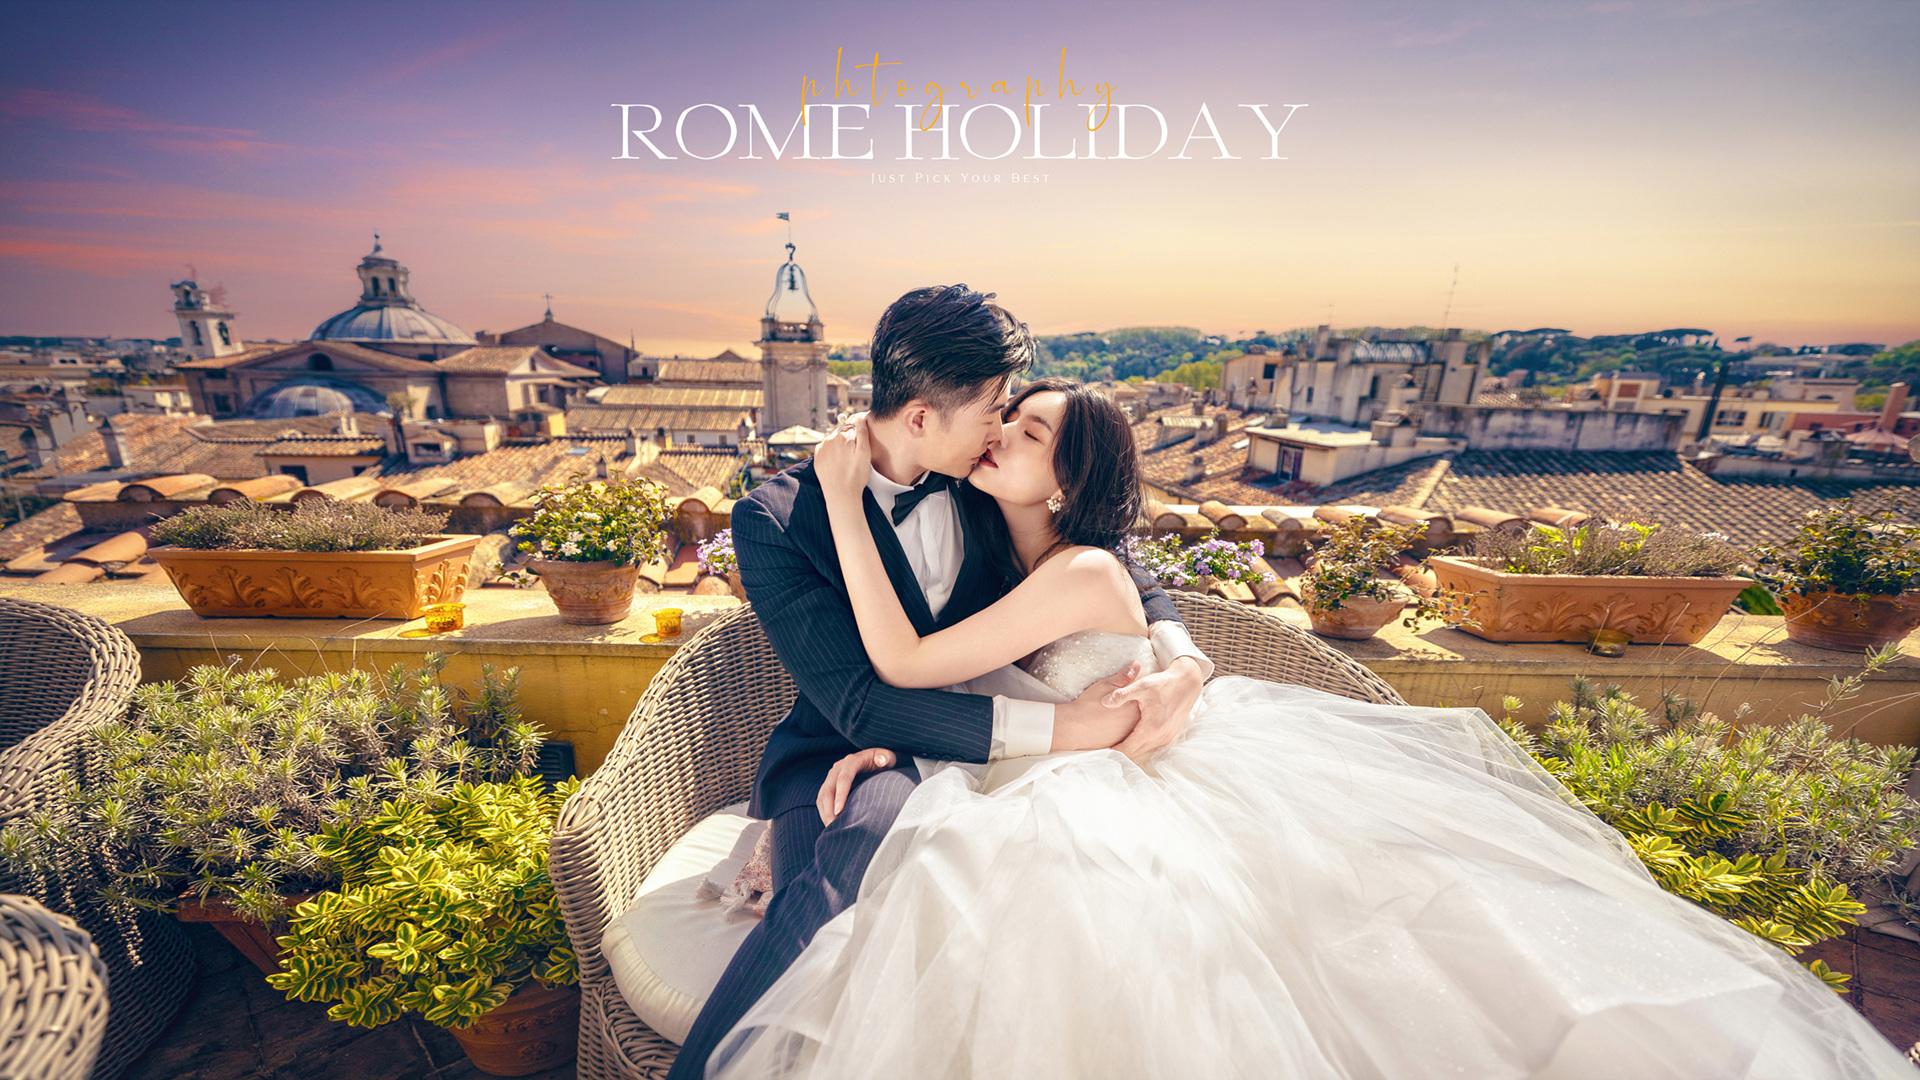 旅拍婚纱照需要注意什么要点 厦门旅拍婚纱照注意事项分享